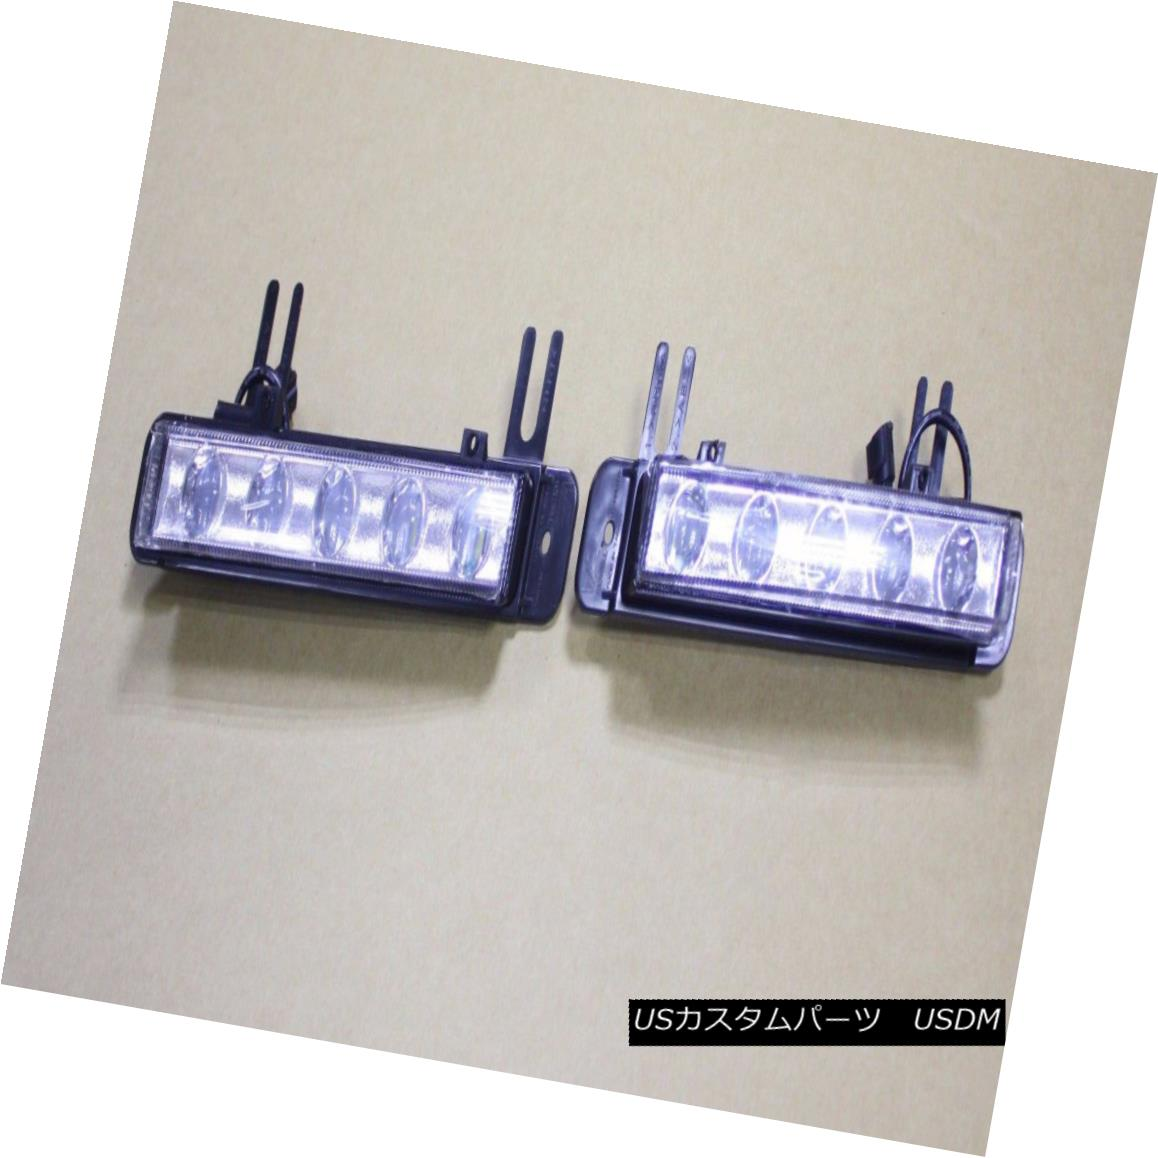 エアロパーツ 2Pcs LH & RH LED DRL MERCEDES BENZ W463 G500 G350 G63 HEAD LAMP LIGHT COVER 2Pcs LH& RH LED DRLメルセデスベンツW463 G500 G350 G63ヘッドランプライトカバー